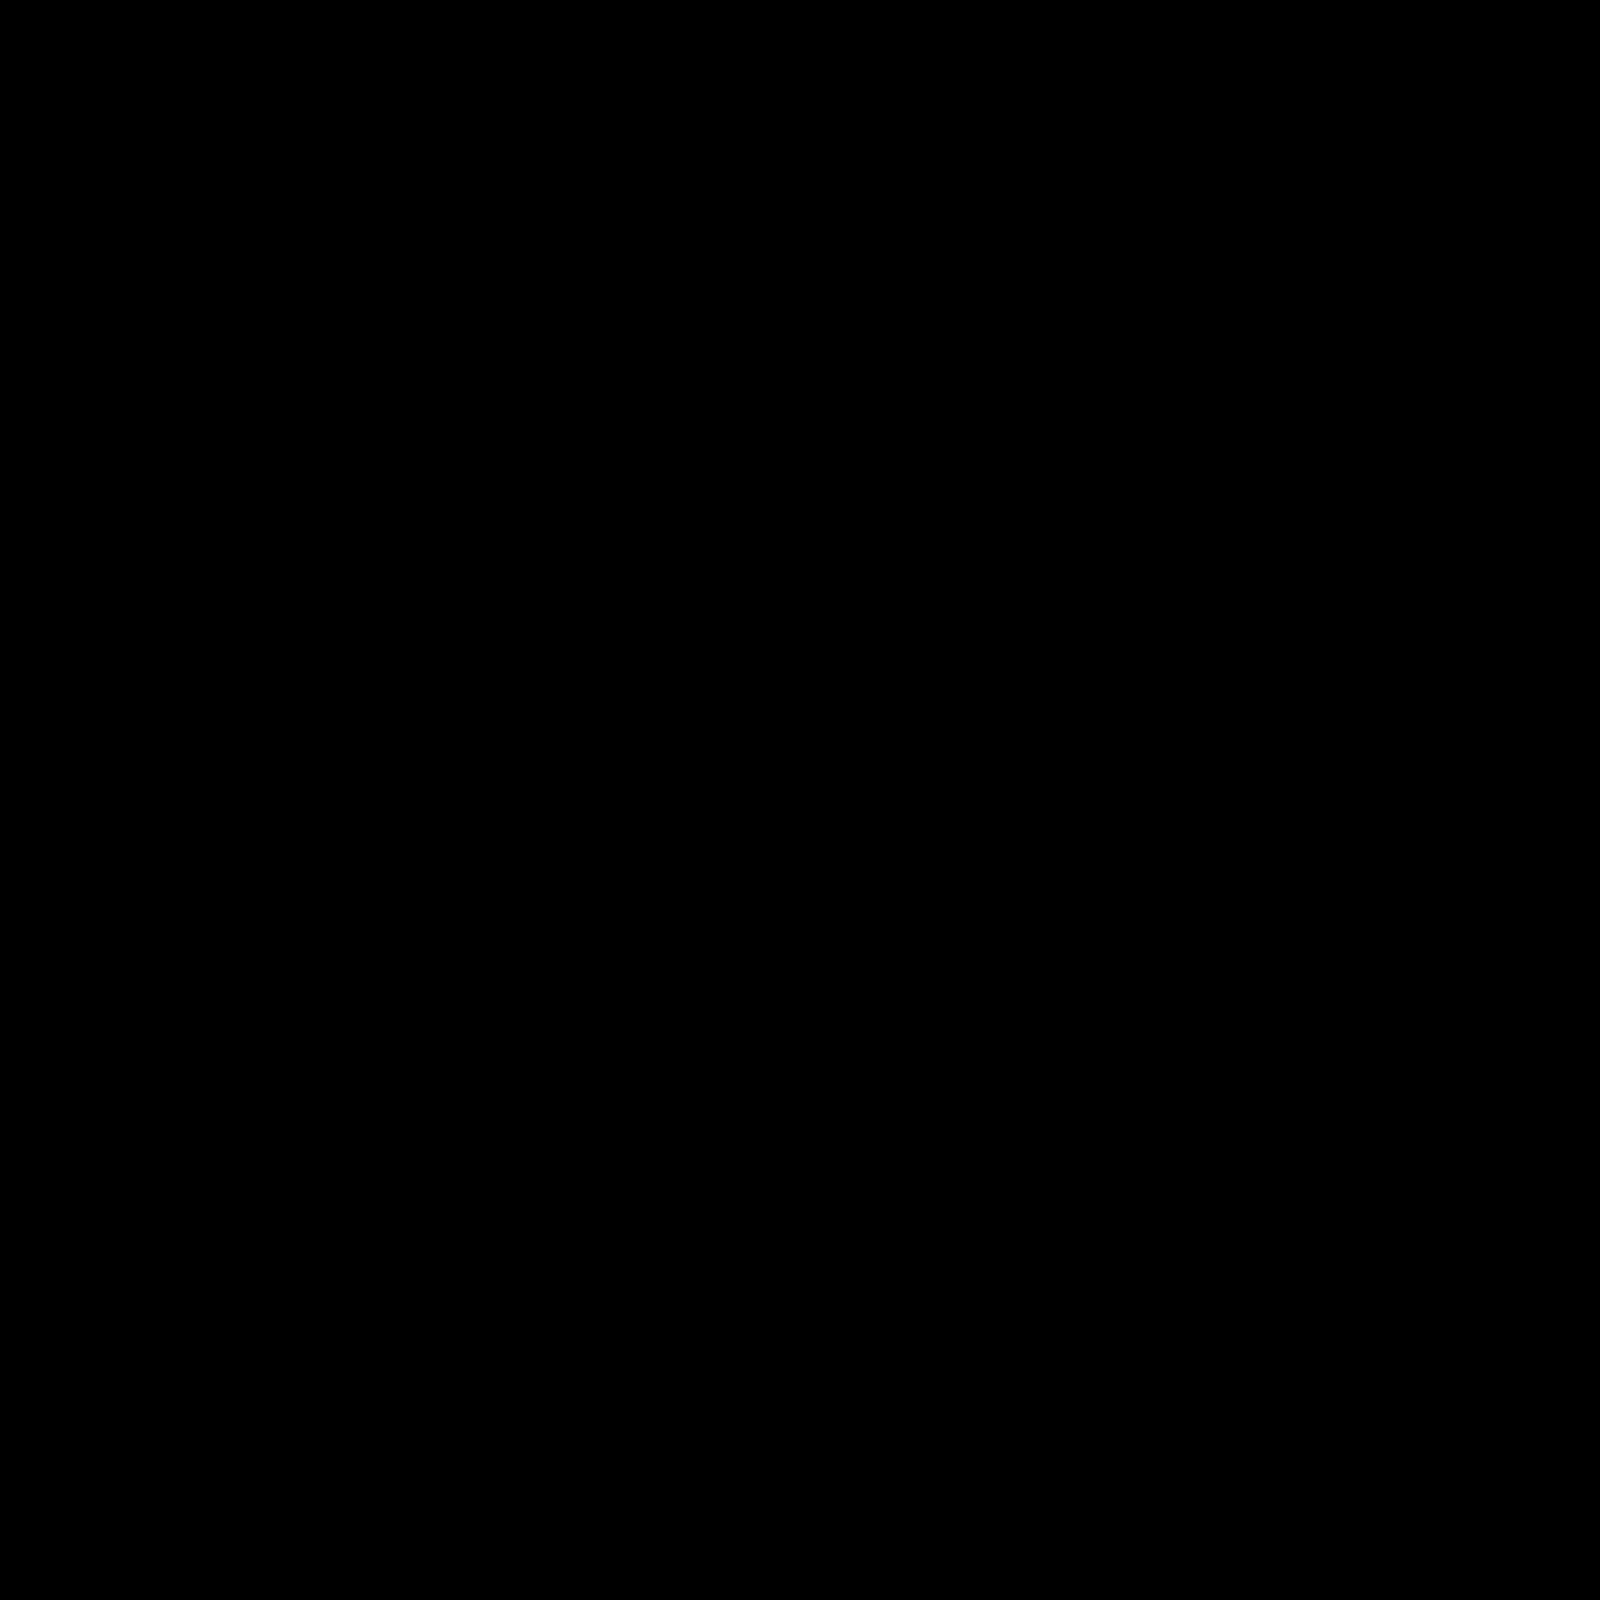 火警 icon. This is a big circle with a small circle in the center of it. There is a small rectangle on the bottom side of the circle. There is a curved line attached to the right side of the rectangle, attached to a small circle.